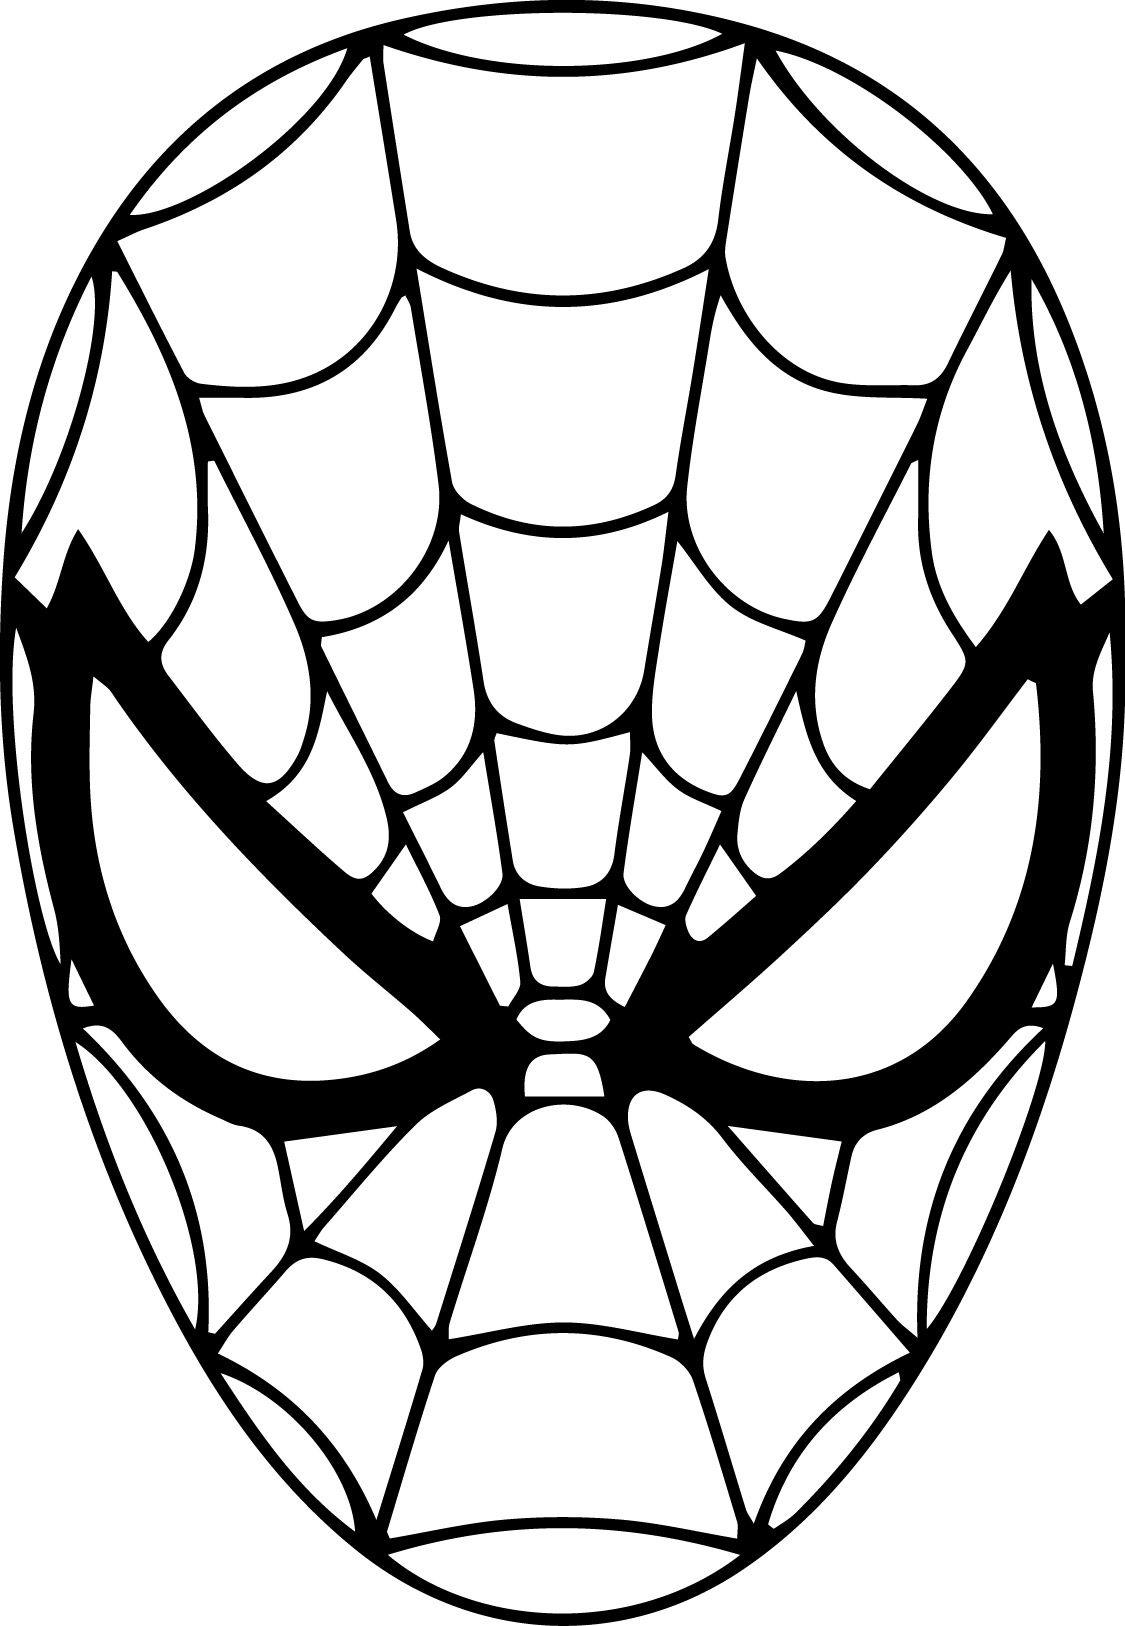 Spiderman Spider Logo Outline For Pumpkin Carving Spiderman Pumpkin Stencil Spiderman Pumpkin Spiderman Coloring